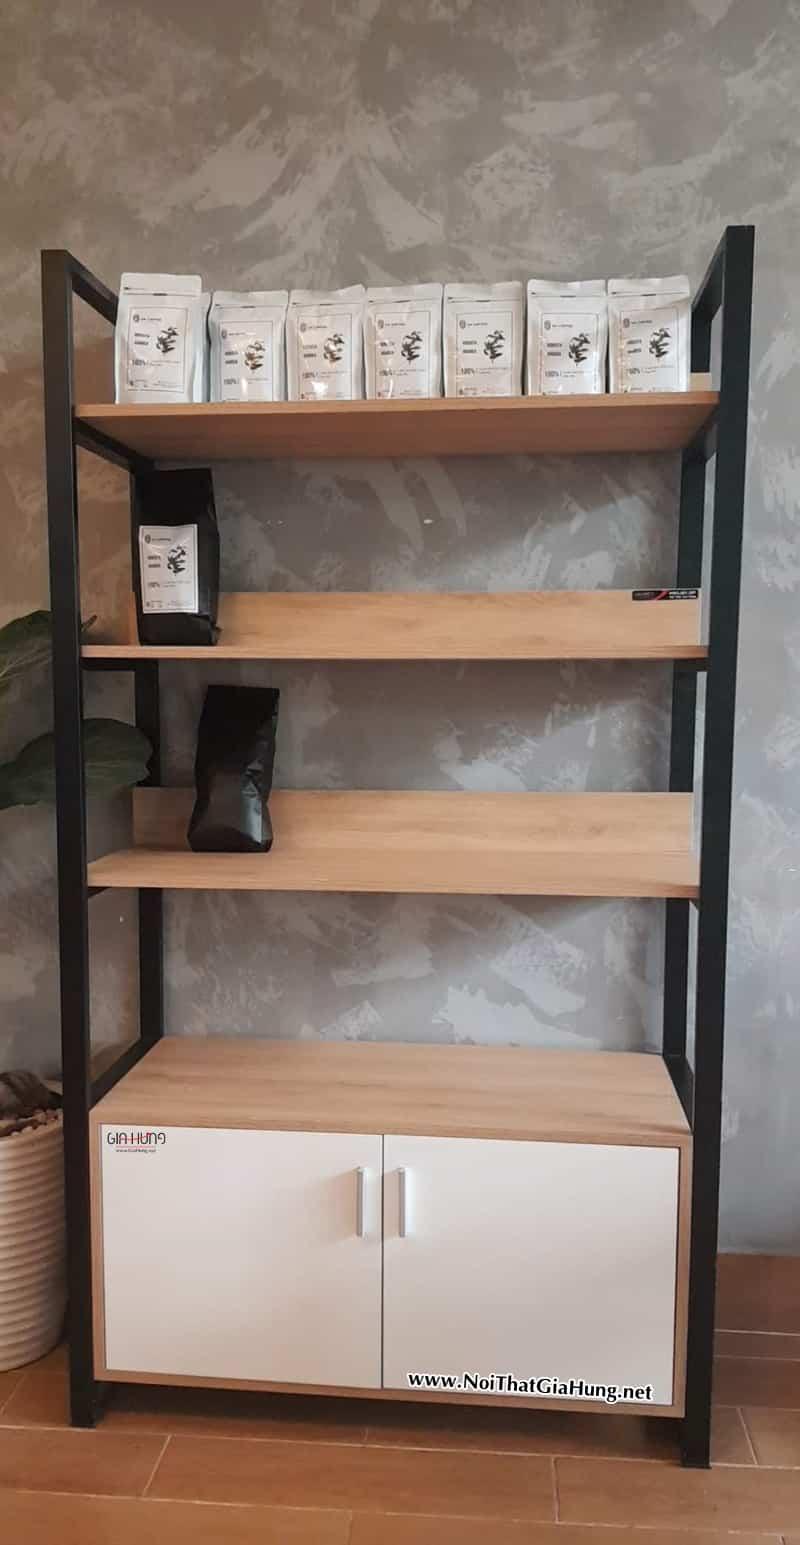 Kệ trưng bày sản phẩm cafe khung chân sắt mặt gỗ tại An Coffee - Thuận An - Bình Dương